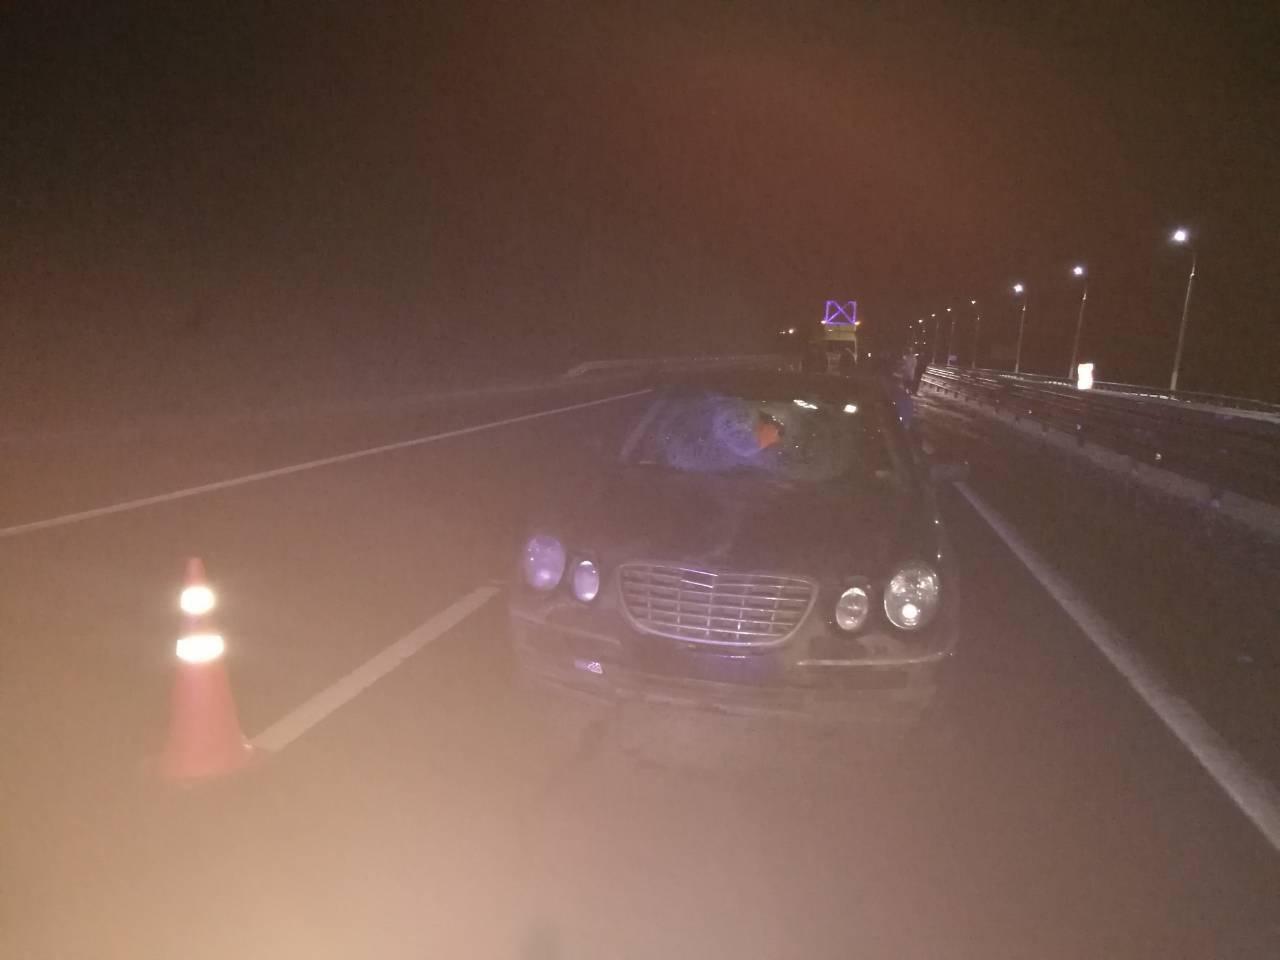 Пешеход получил травмы, несовместимые с жизнью